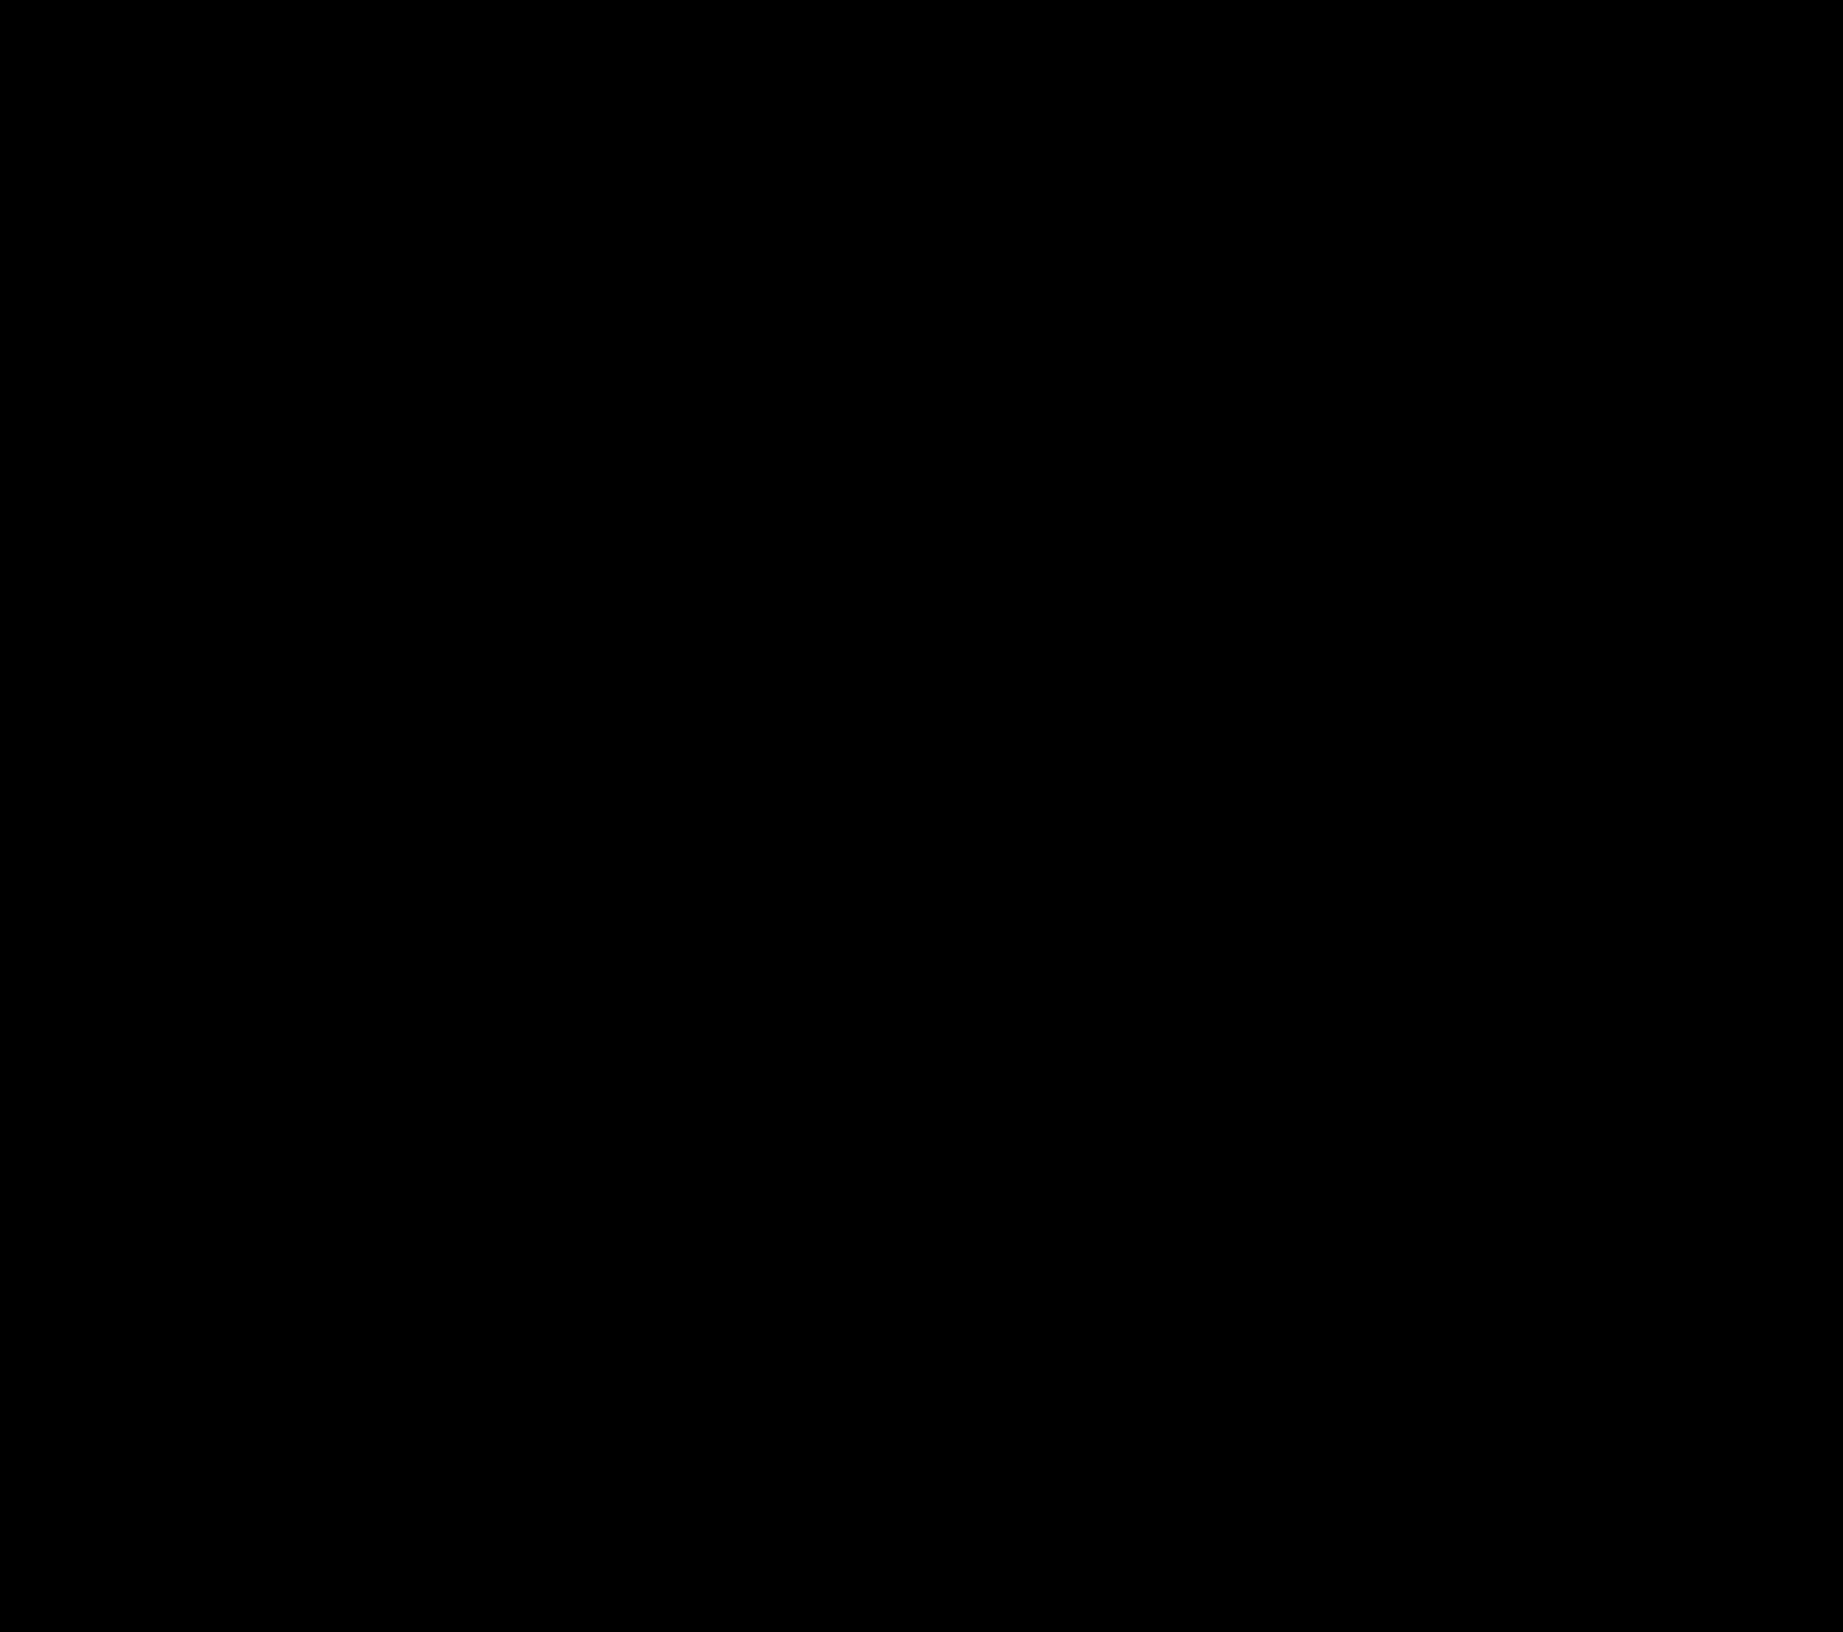 1843x1632 Pit Bull Clip Art